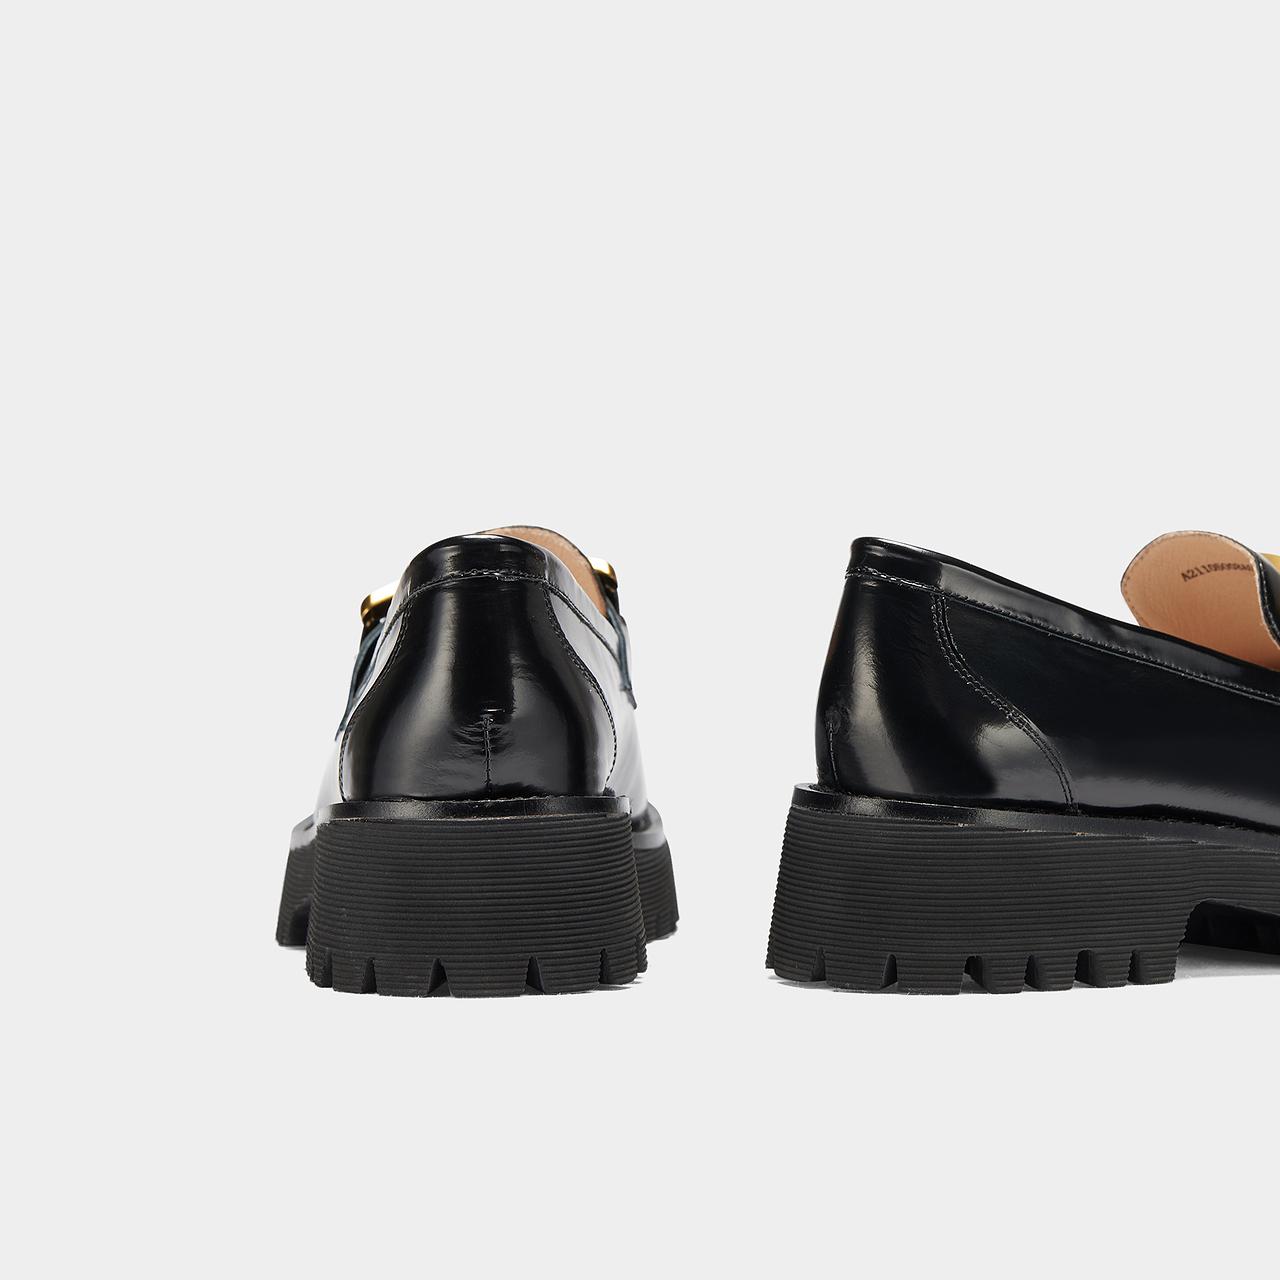 春夏新款深口鞋学院风英伦单鞋厚底乐福鞋女 2021 千百度女鞋小皮鞋